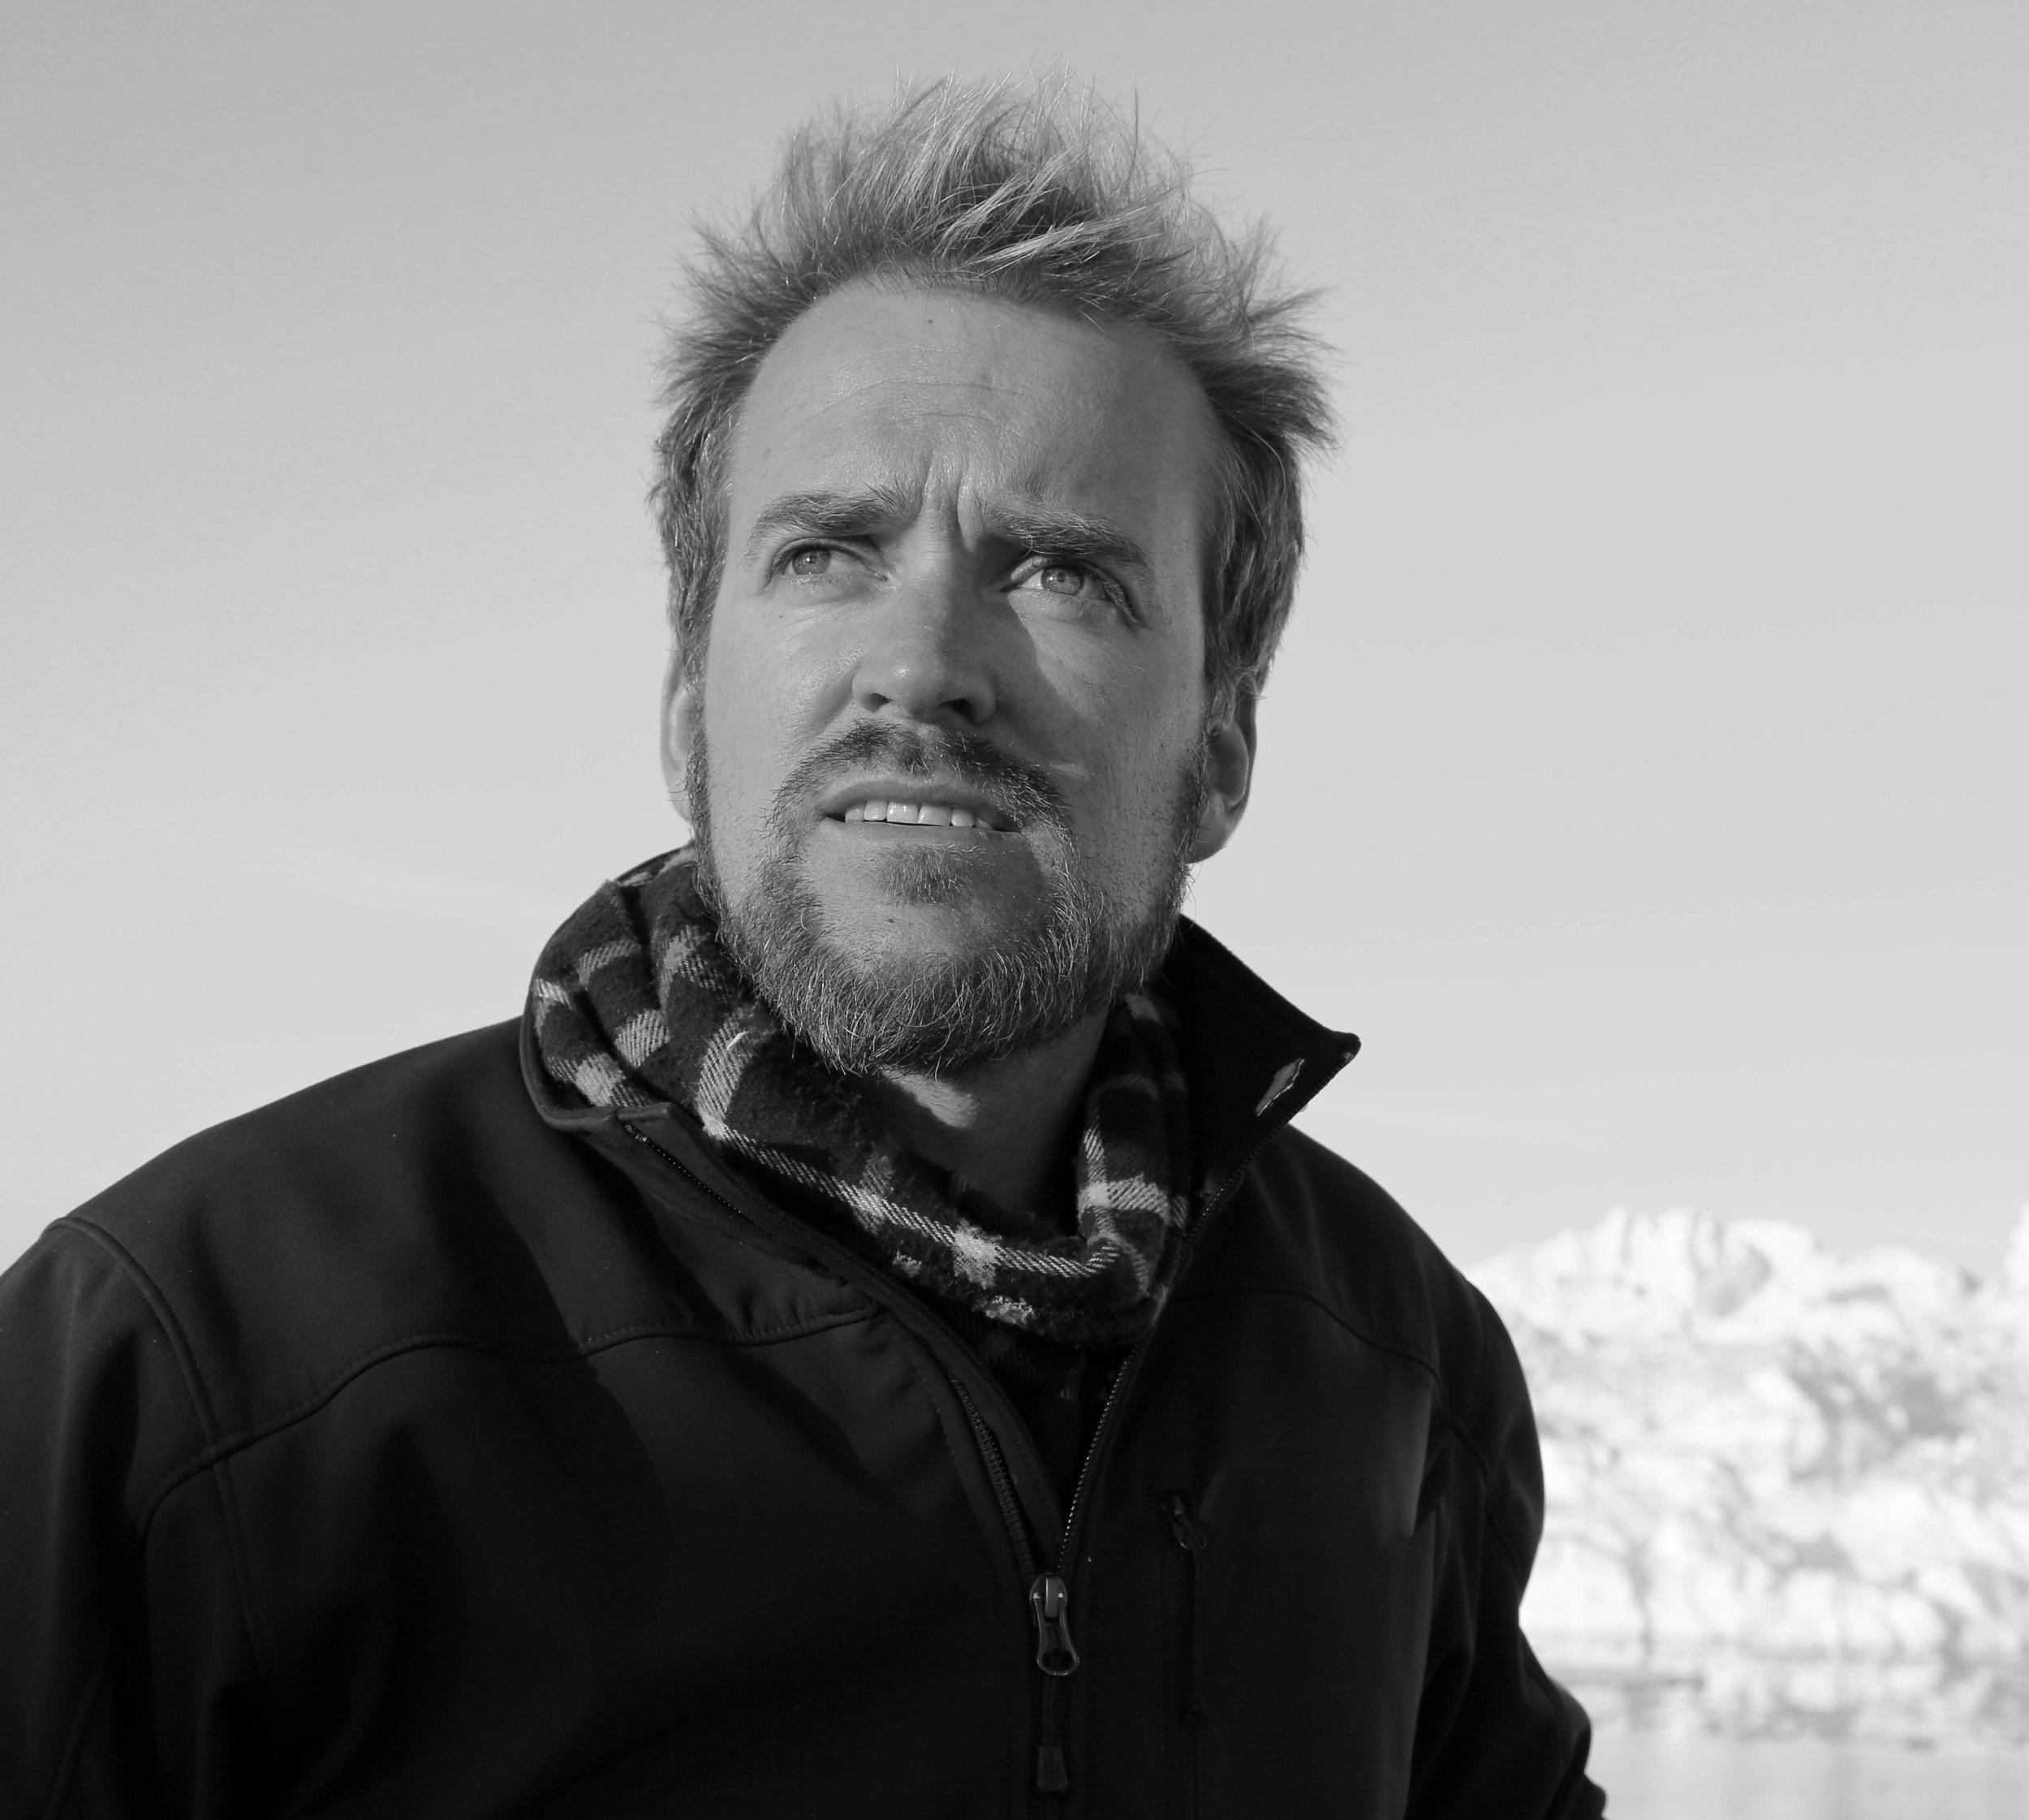 Vi er glade for at kunne annoncere glaciolog Jason Box som taler ved Folkets Klimamarch København i morgen. Jason er netop tilbage fra Grønland, hvor han har deltaget i en ekspedition for at måle hvordan isen reagerer på klimaforandringerne. #klimamarchKBH  We are pleased to announce climatologist, glaciologist Jason Box as a speaker. Jason has just returned to Copenhagen from Greenland, where he participated in an expedition to study ice response to climate change. #climatemarchCPH #peoplesclimate